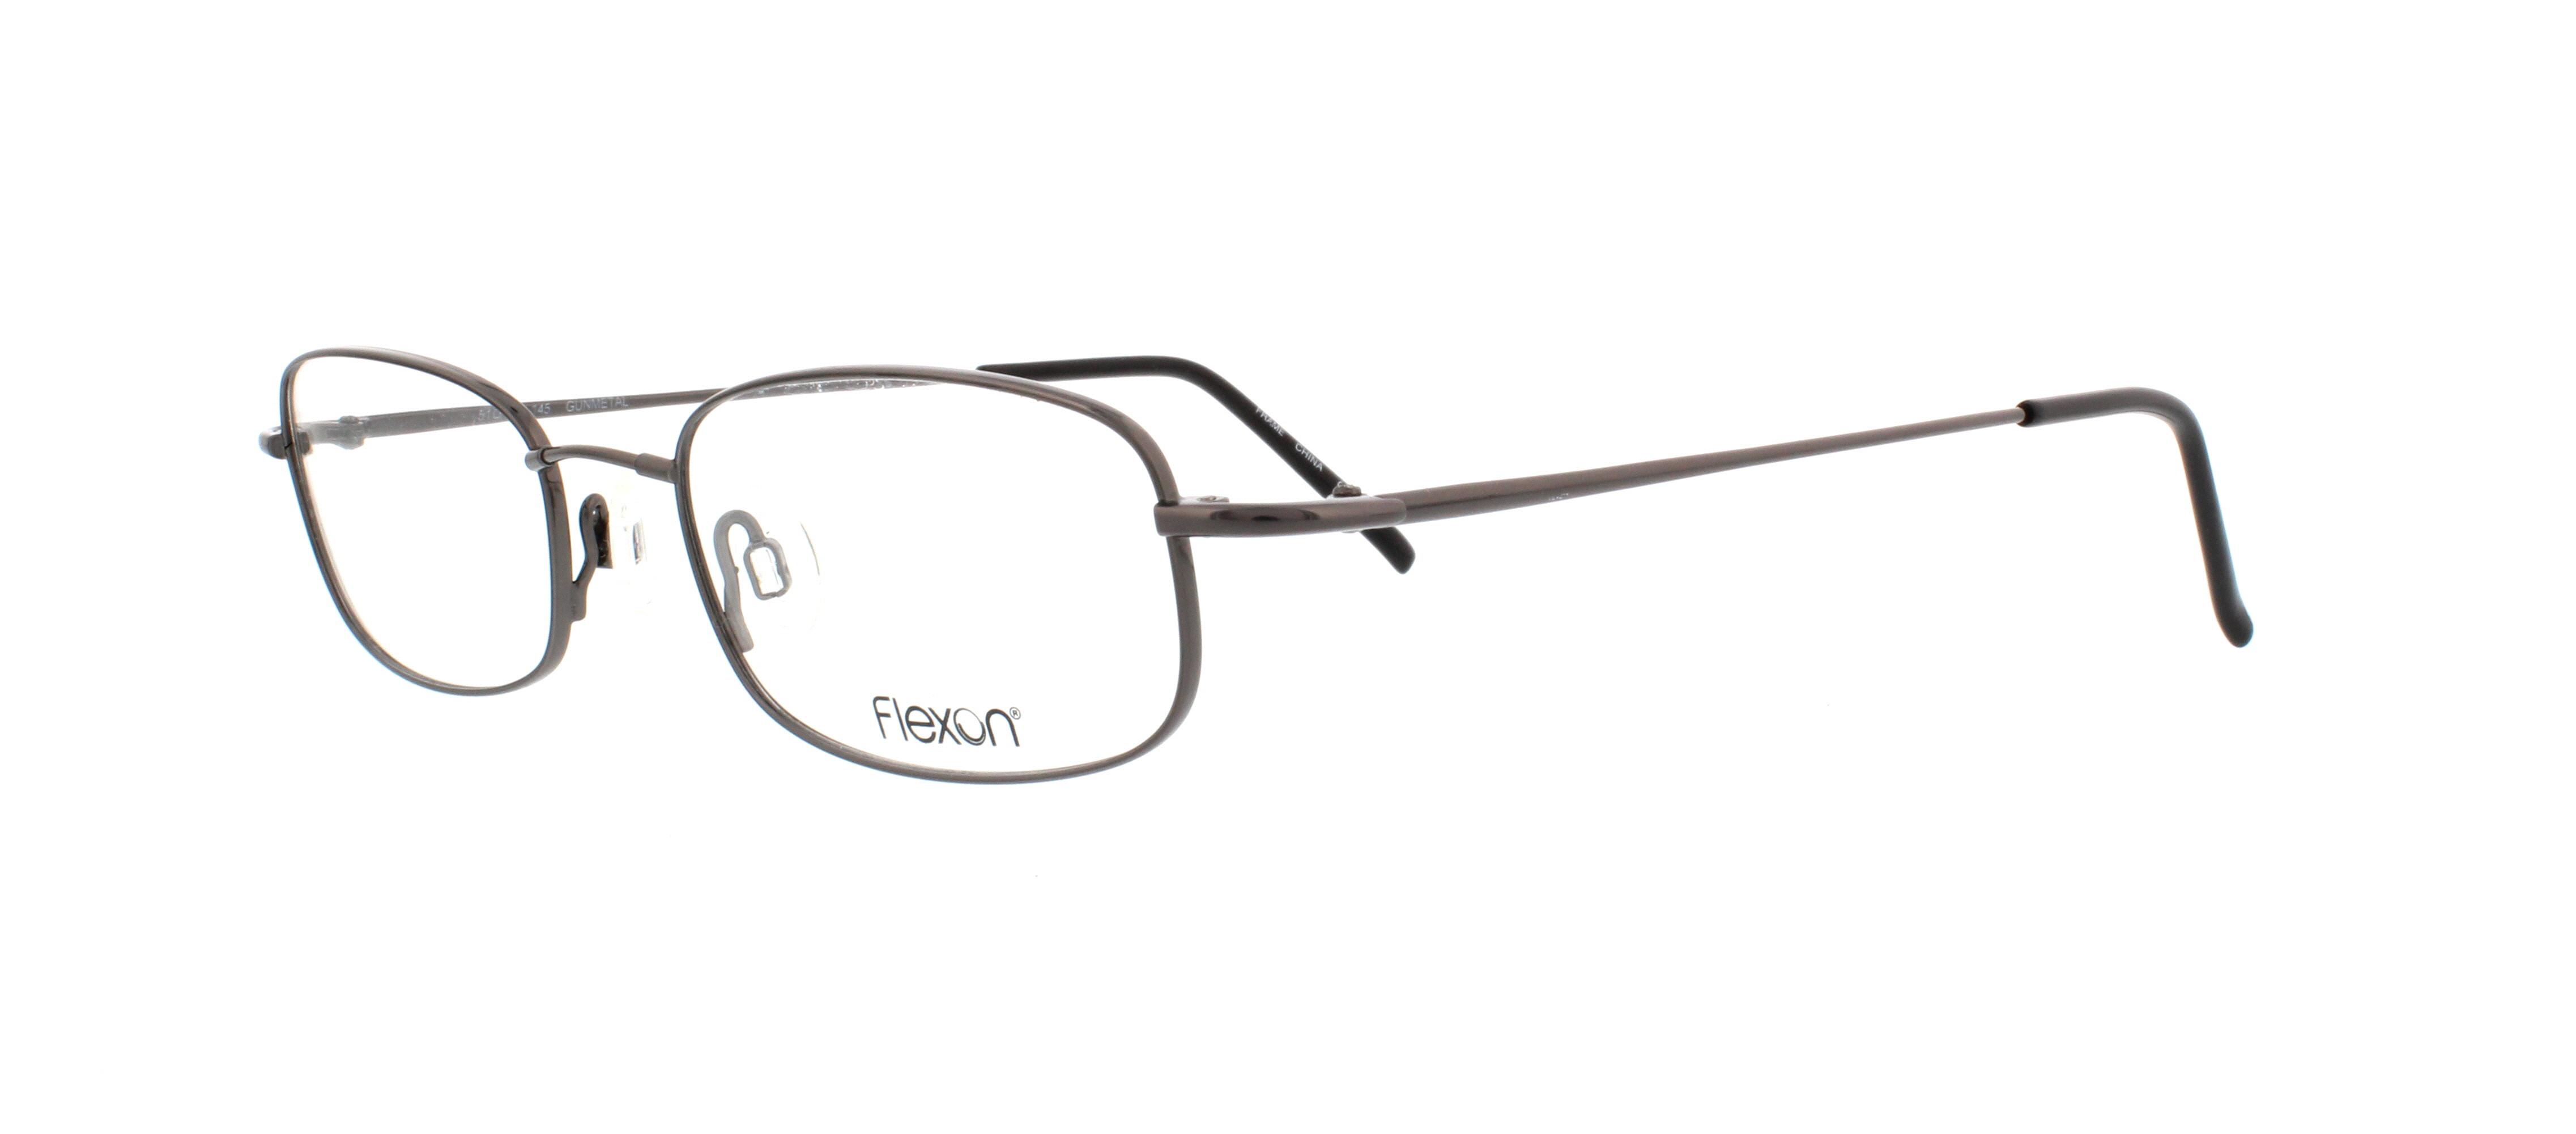 48cccacb63b8 Designer Frames Outlet. Flexon 603